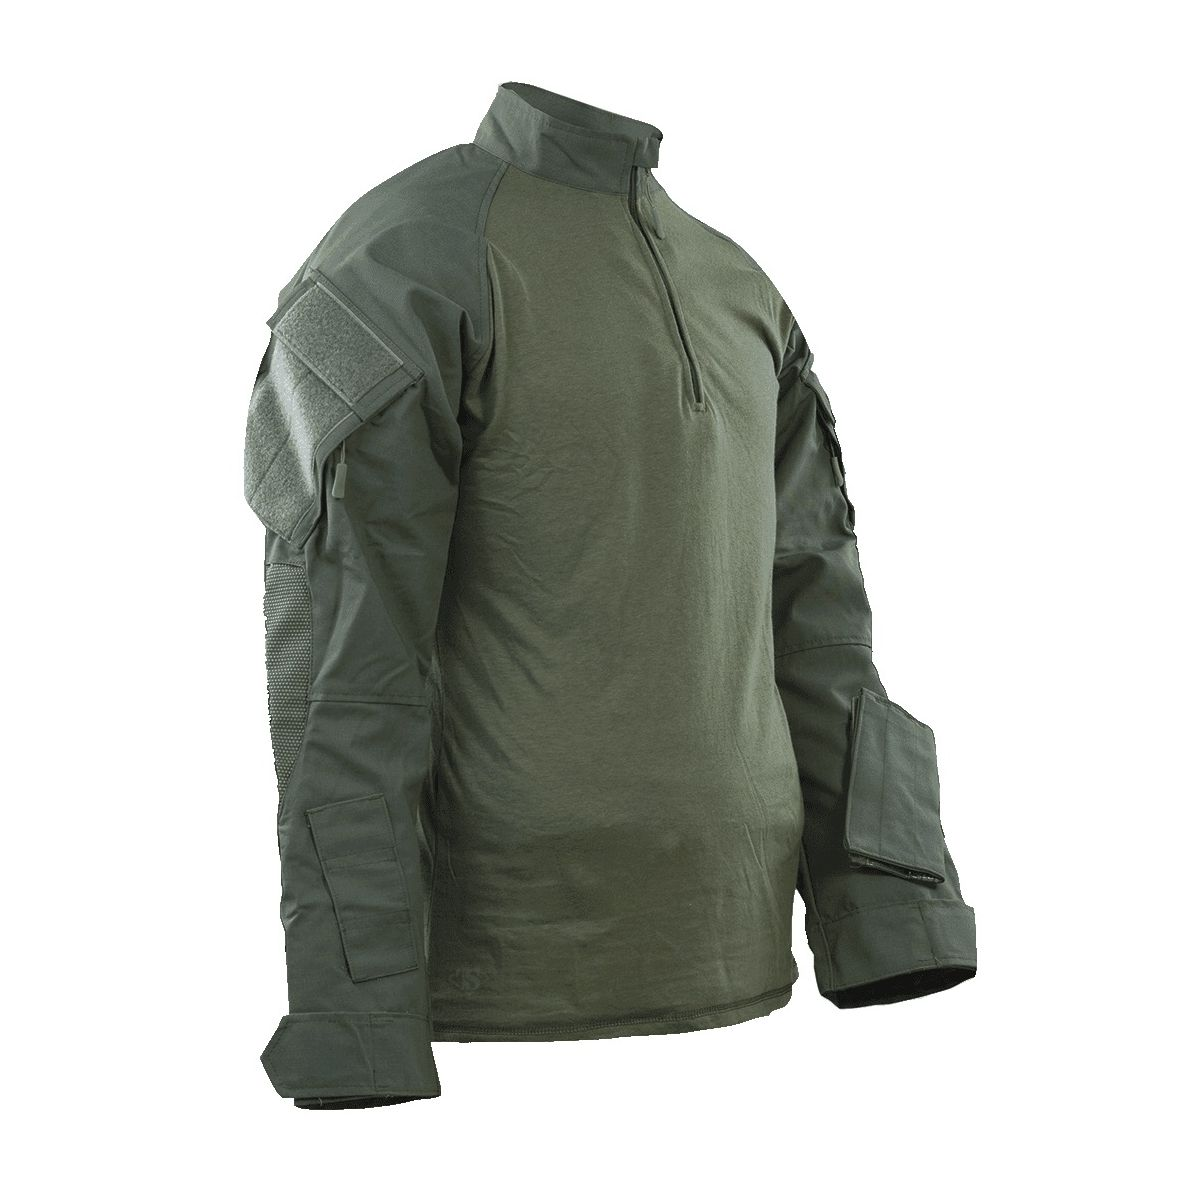 Košile taktická COMBAT TRU XTREME rip-stop ZELENÁ TRU-SPEC 25730 L-11